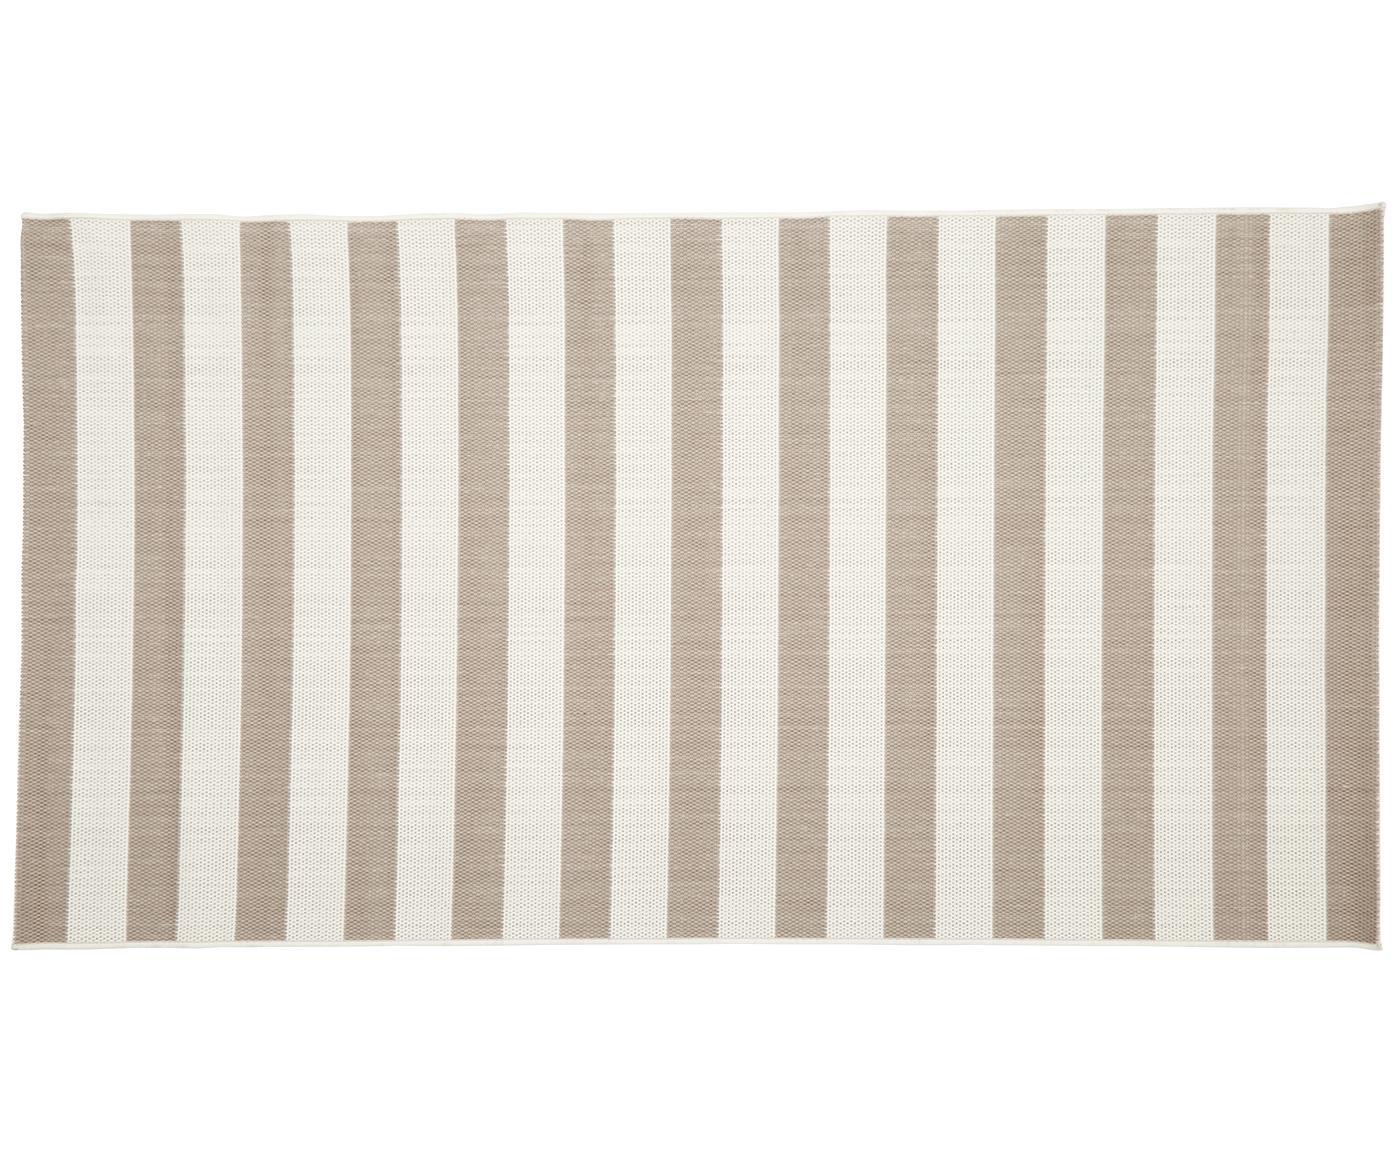 Tappeto da interno-esterno a righe Axa, Retro: poliestere, Bianco crema, beige, Larg. 80 x Lung. 150 cm (taglia XS)